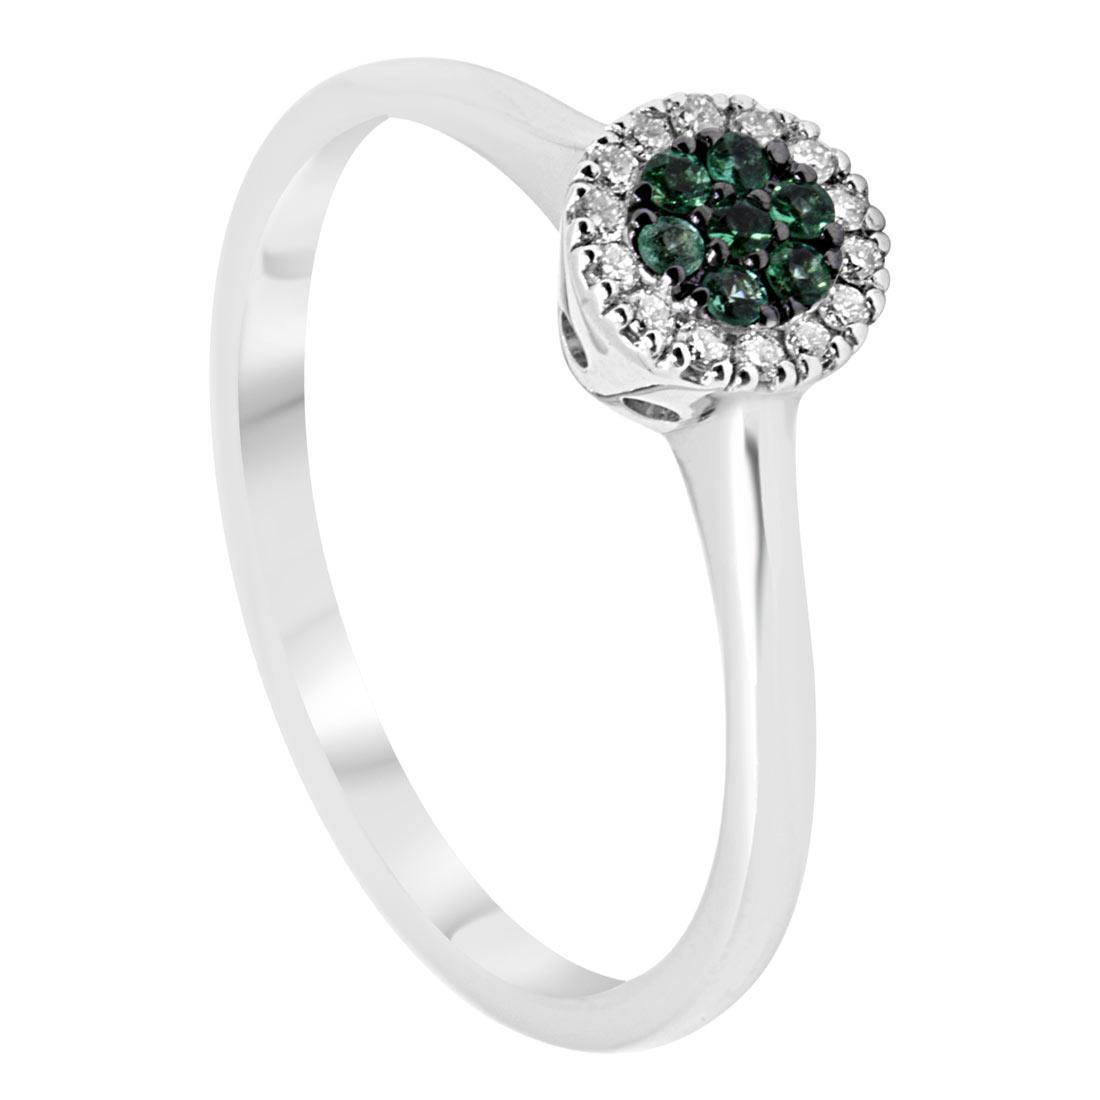 Anello in oro bianco con diamanti e smeraldi, mis 14 - ALFIERI & ST. JOHN